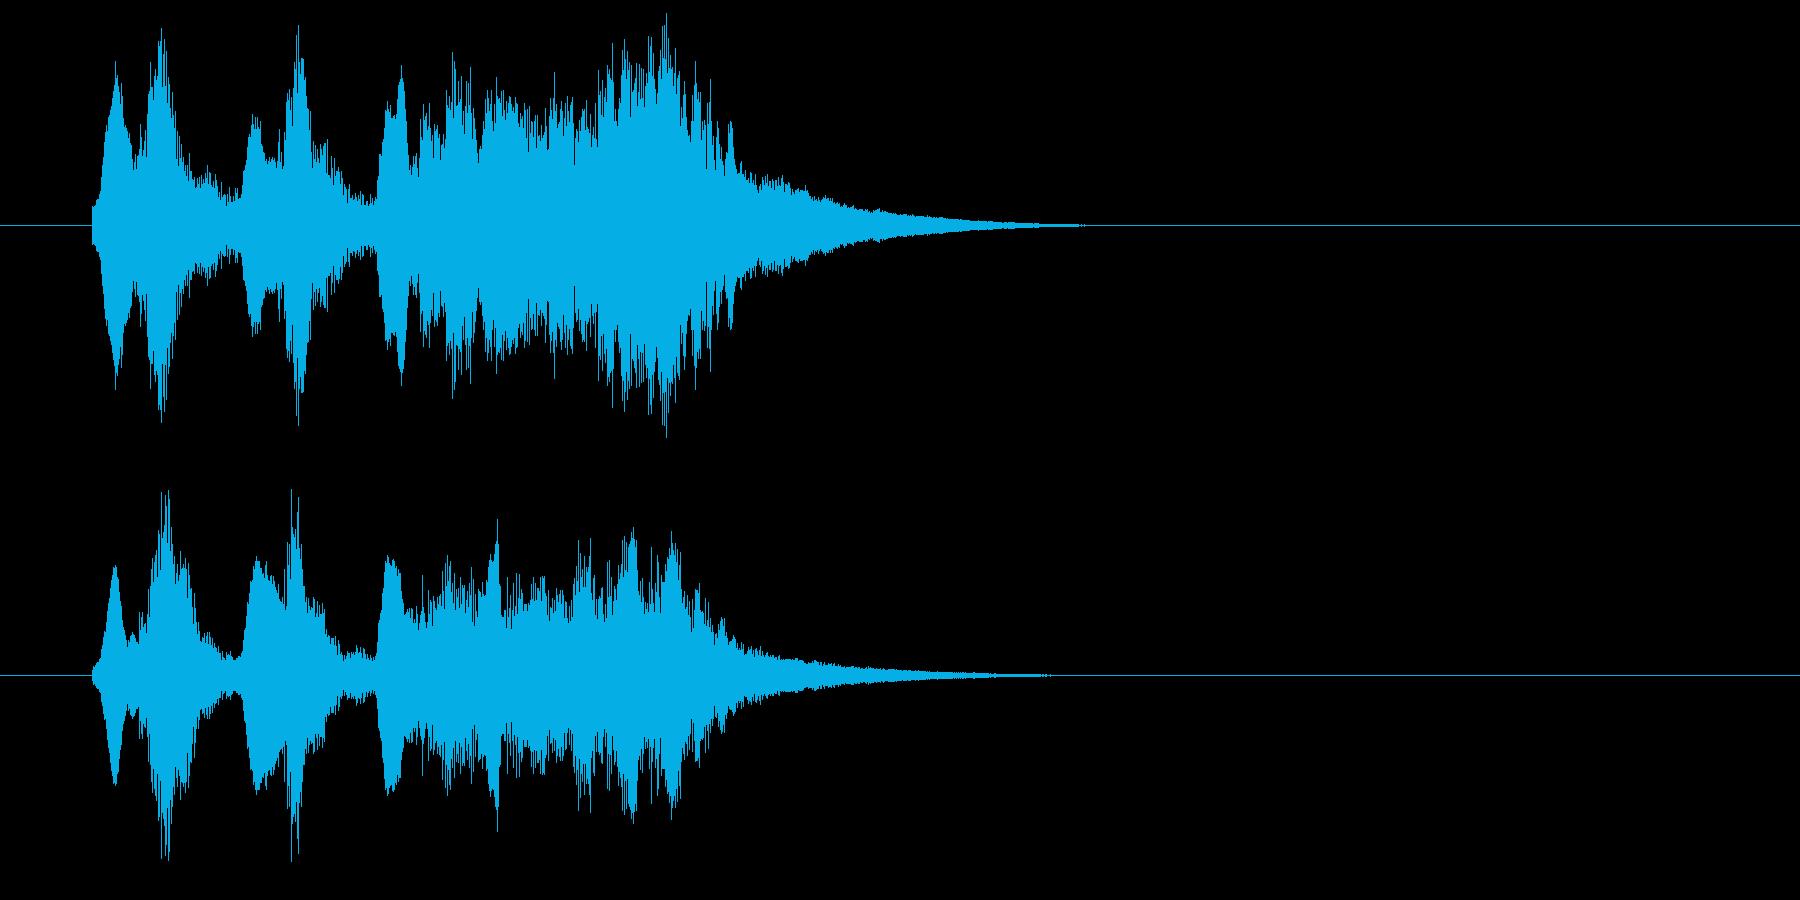 軽いオーケストラ風の喜びジングル2の再生済みの波形